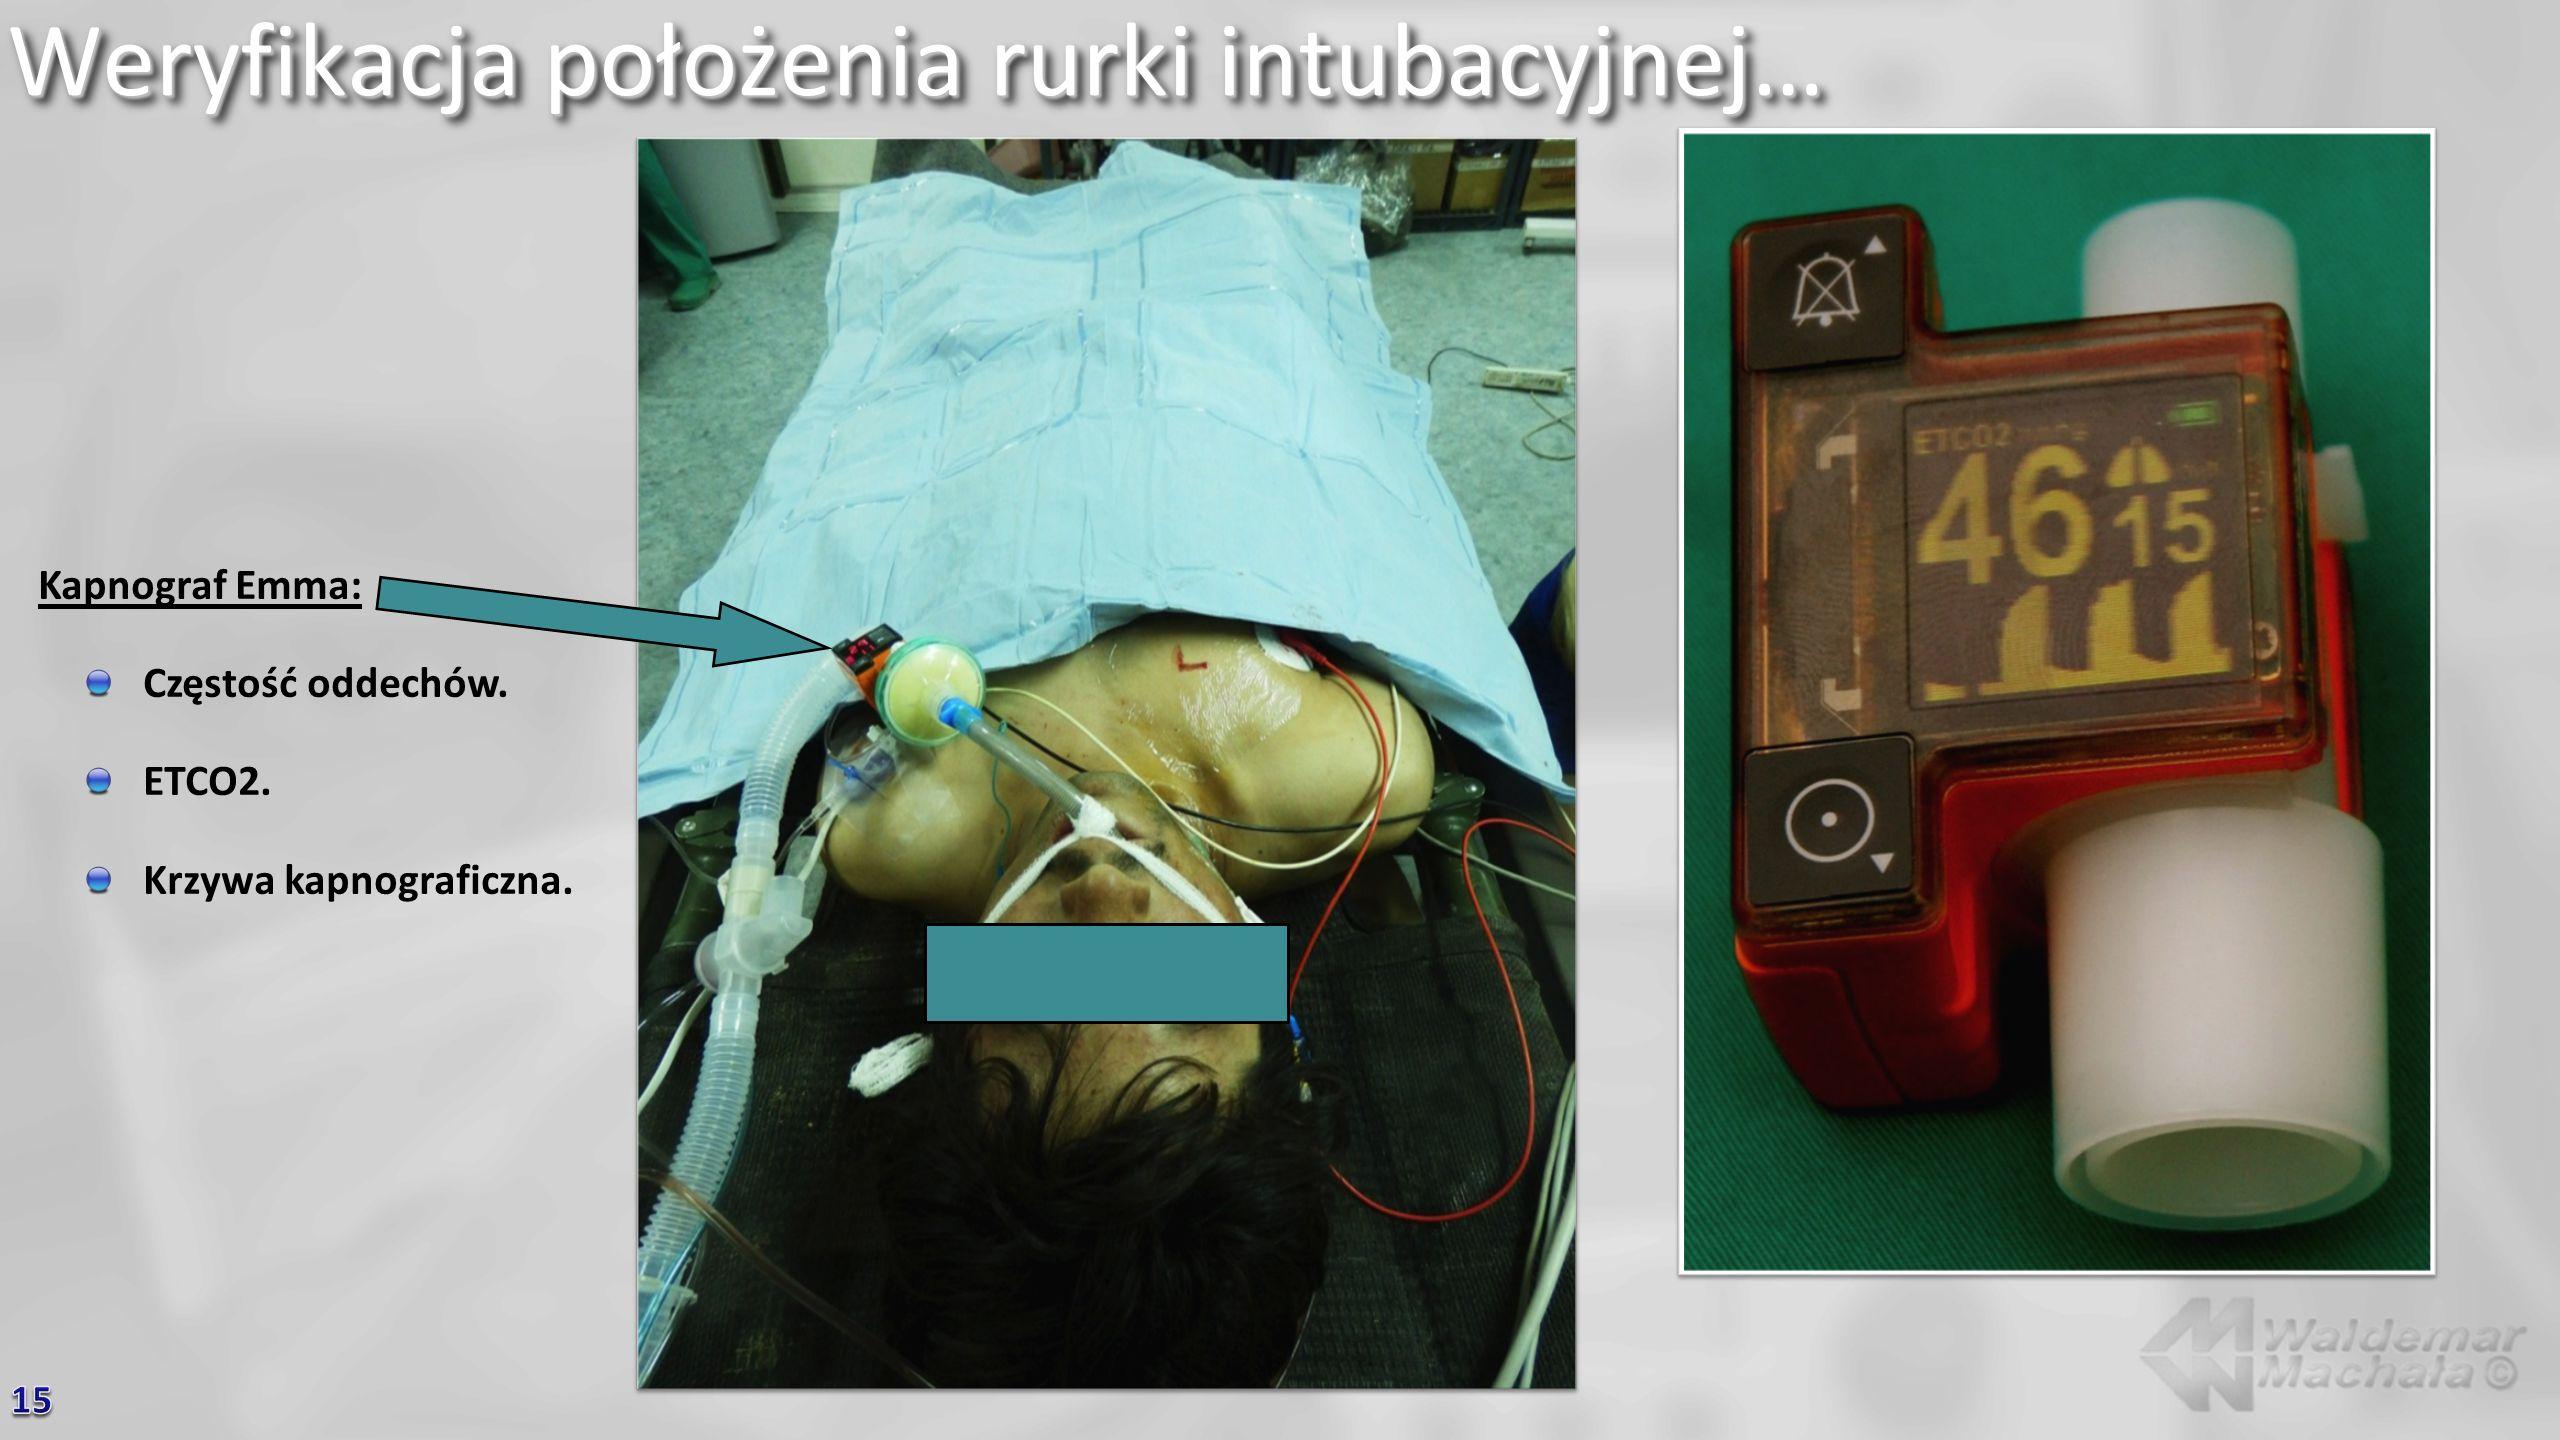 Weryfikacja położenia rurki intubacyjnej…